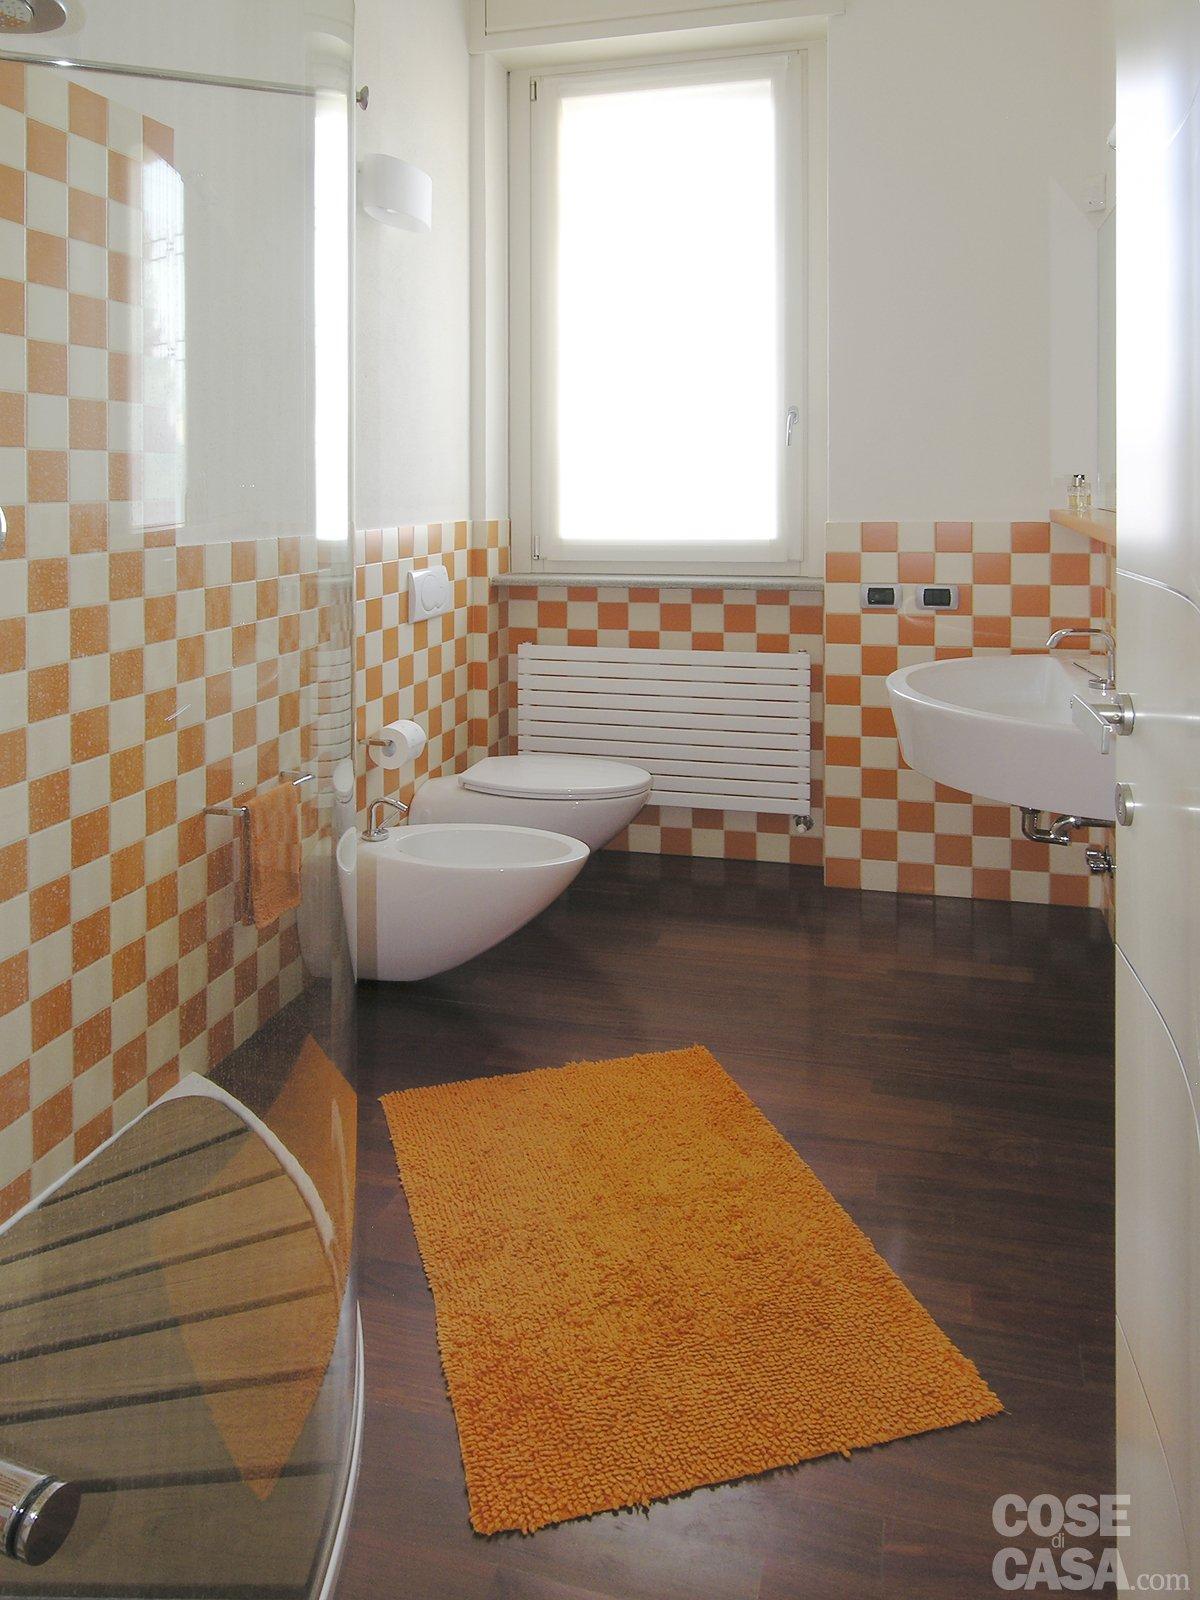 Una casa con tante idee da copiare cose di casa - Come rivestire il bagno ...